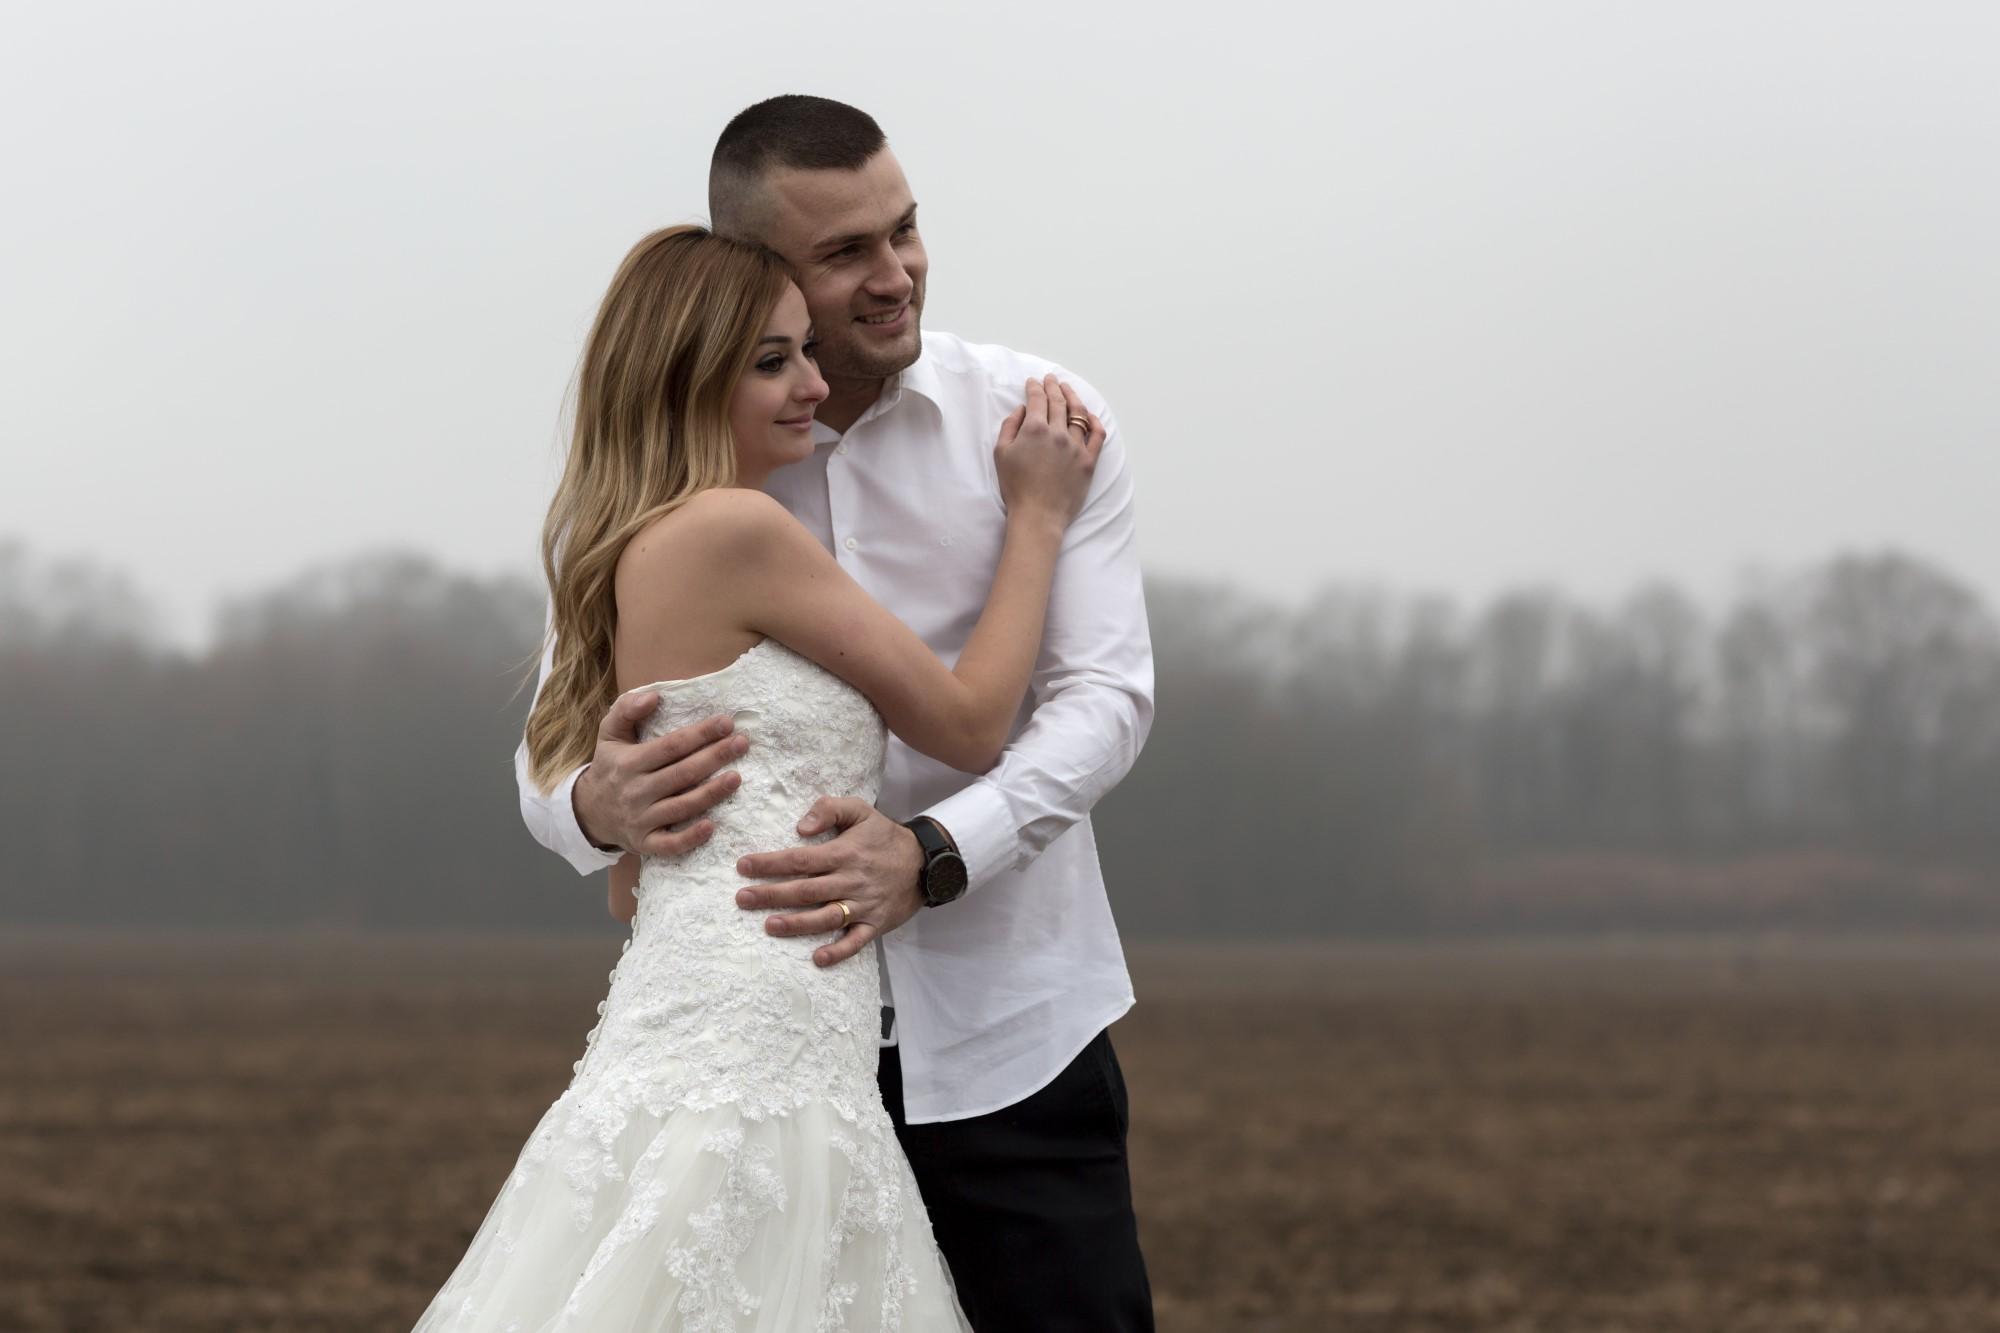 Romantisches Brautpaar Fotoshooting im Winter